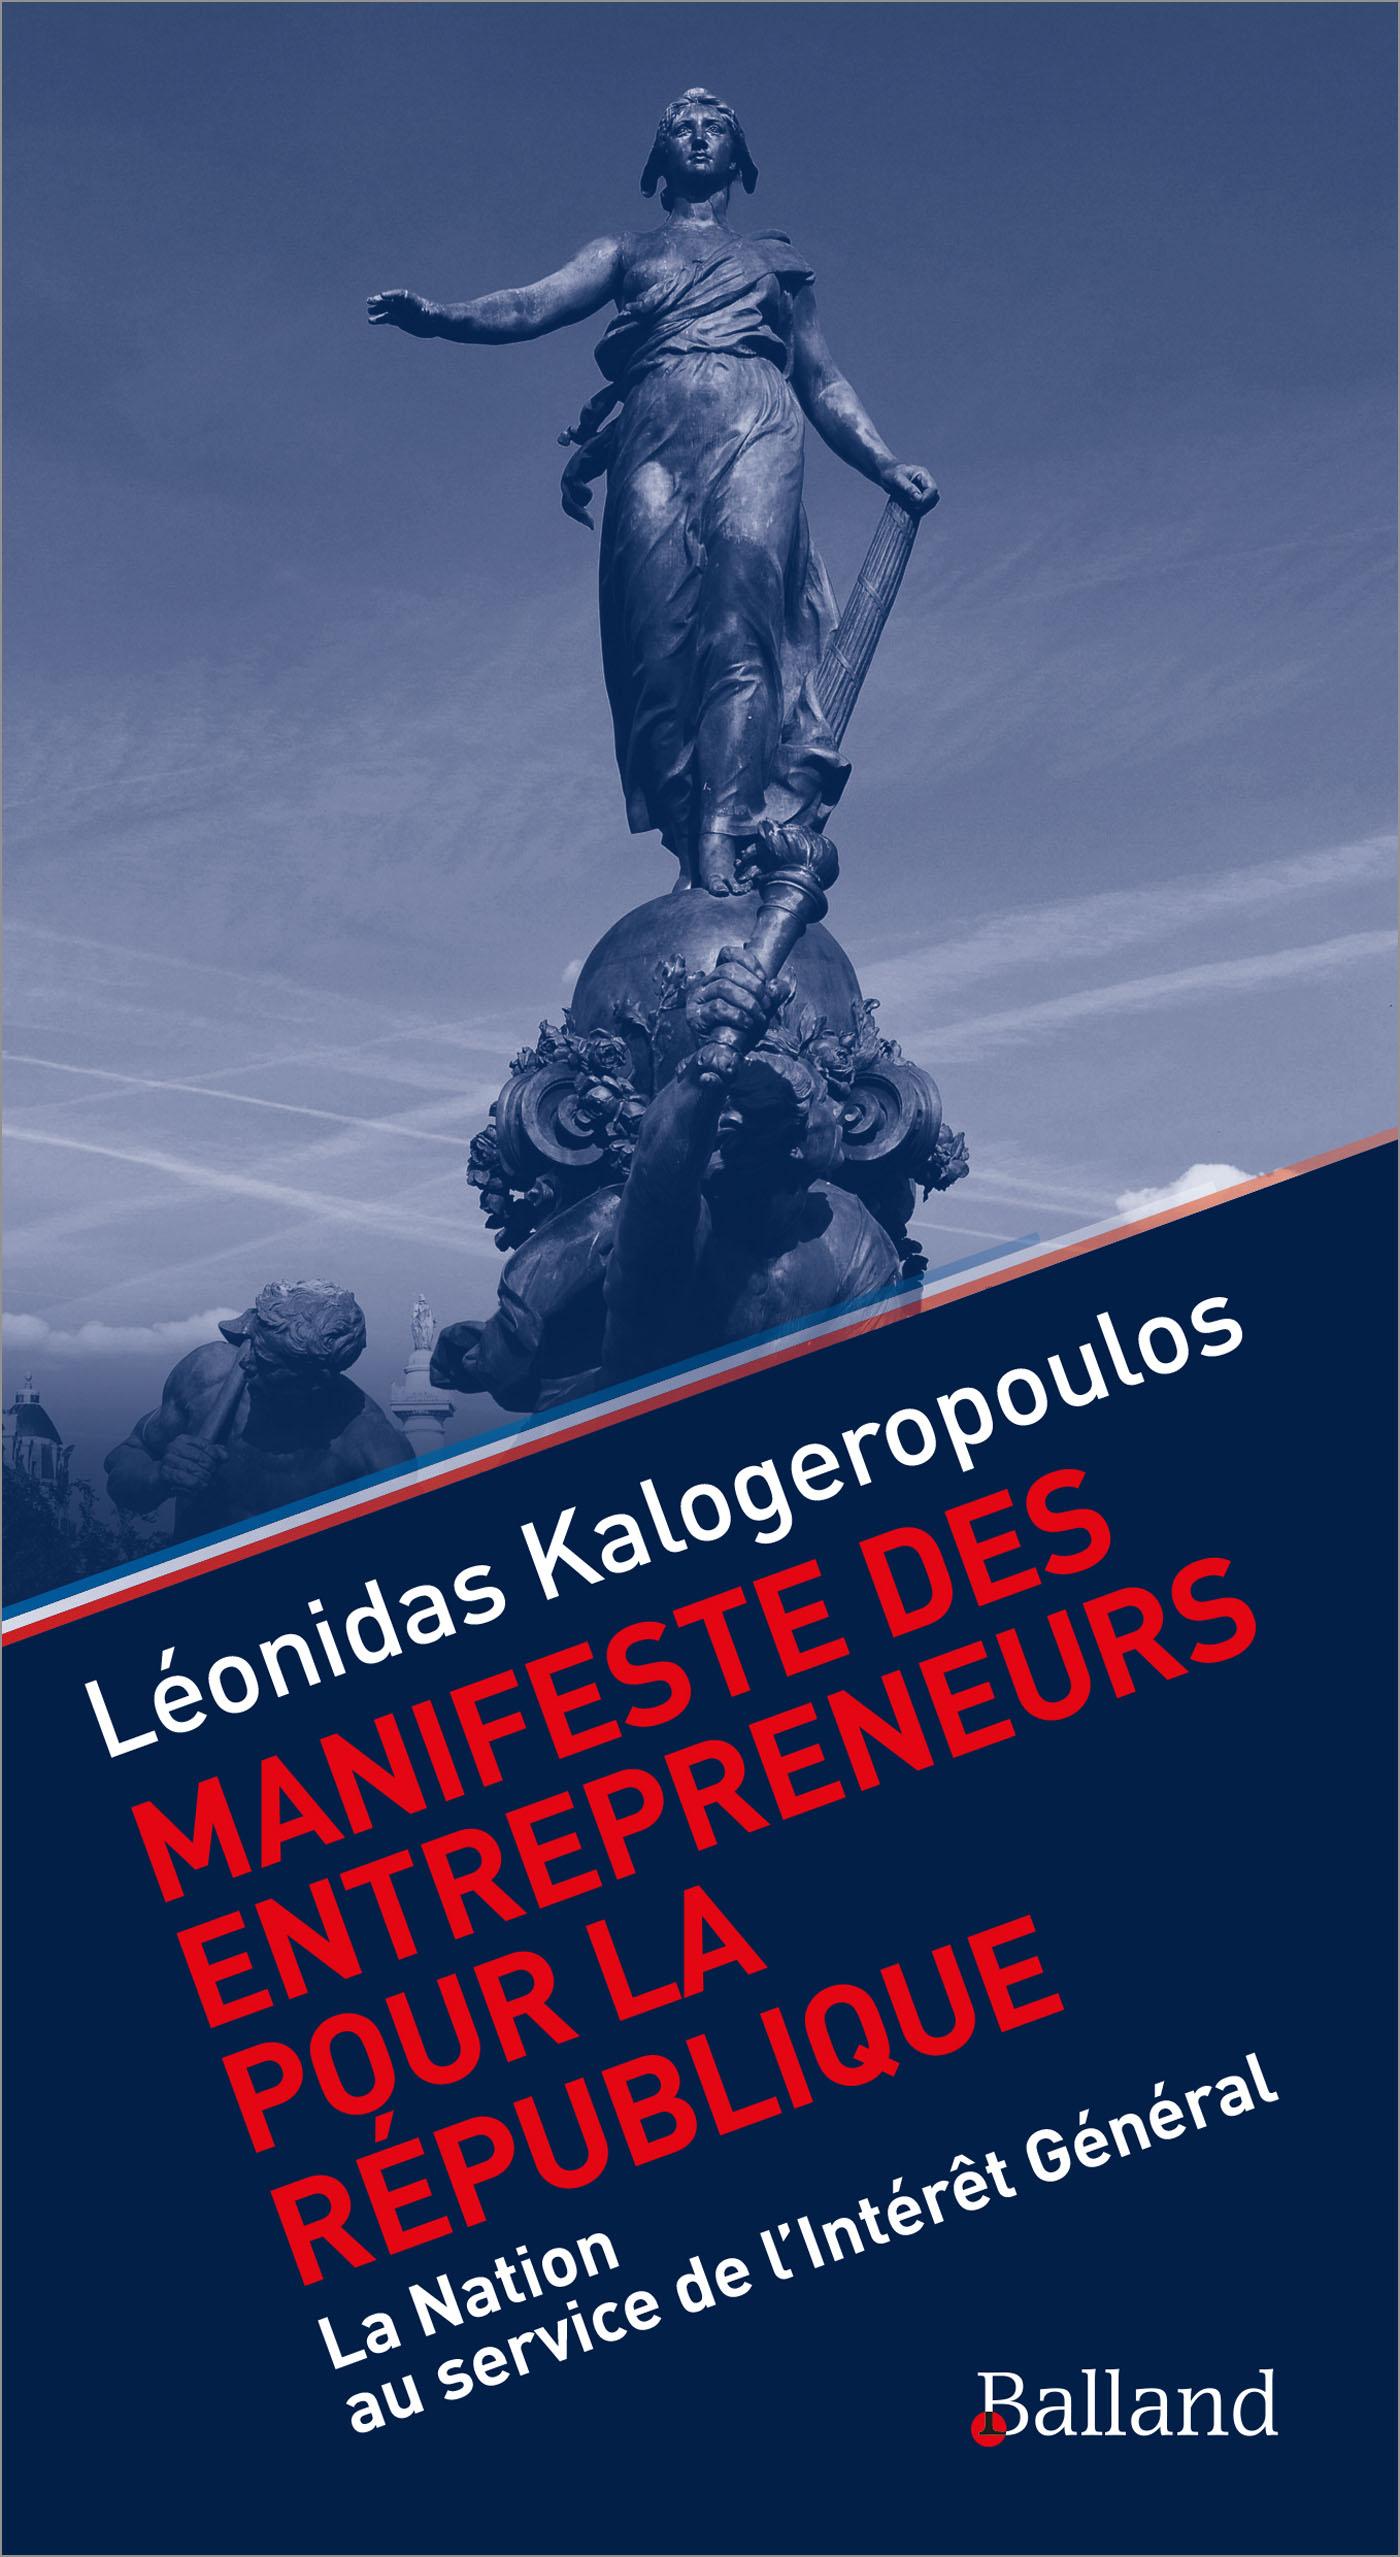 Manifeste des Entrepreneurs pour la République